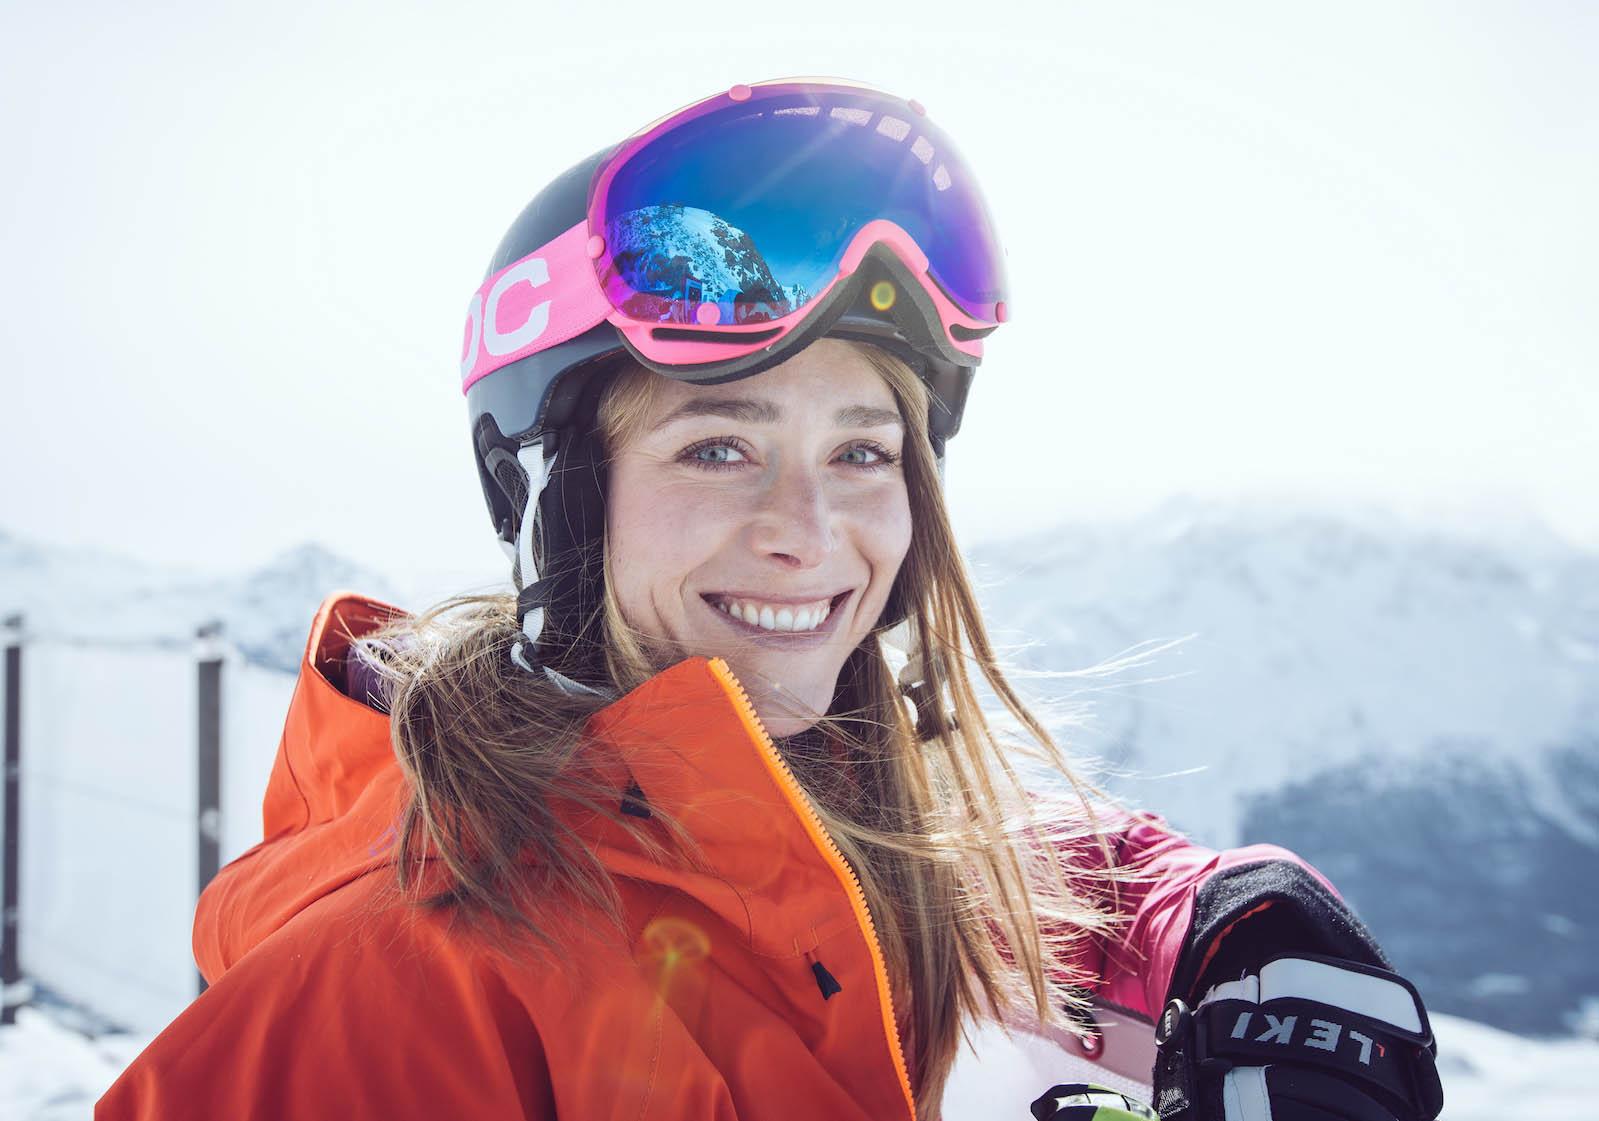 Portrait von Ina beim Wintersport